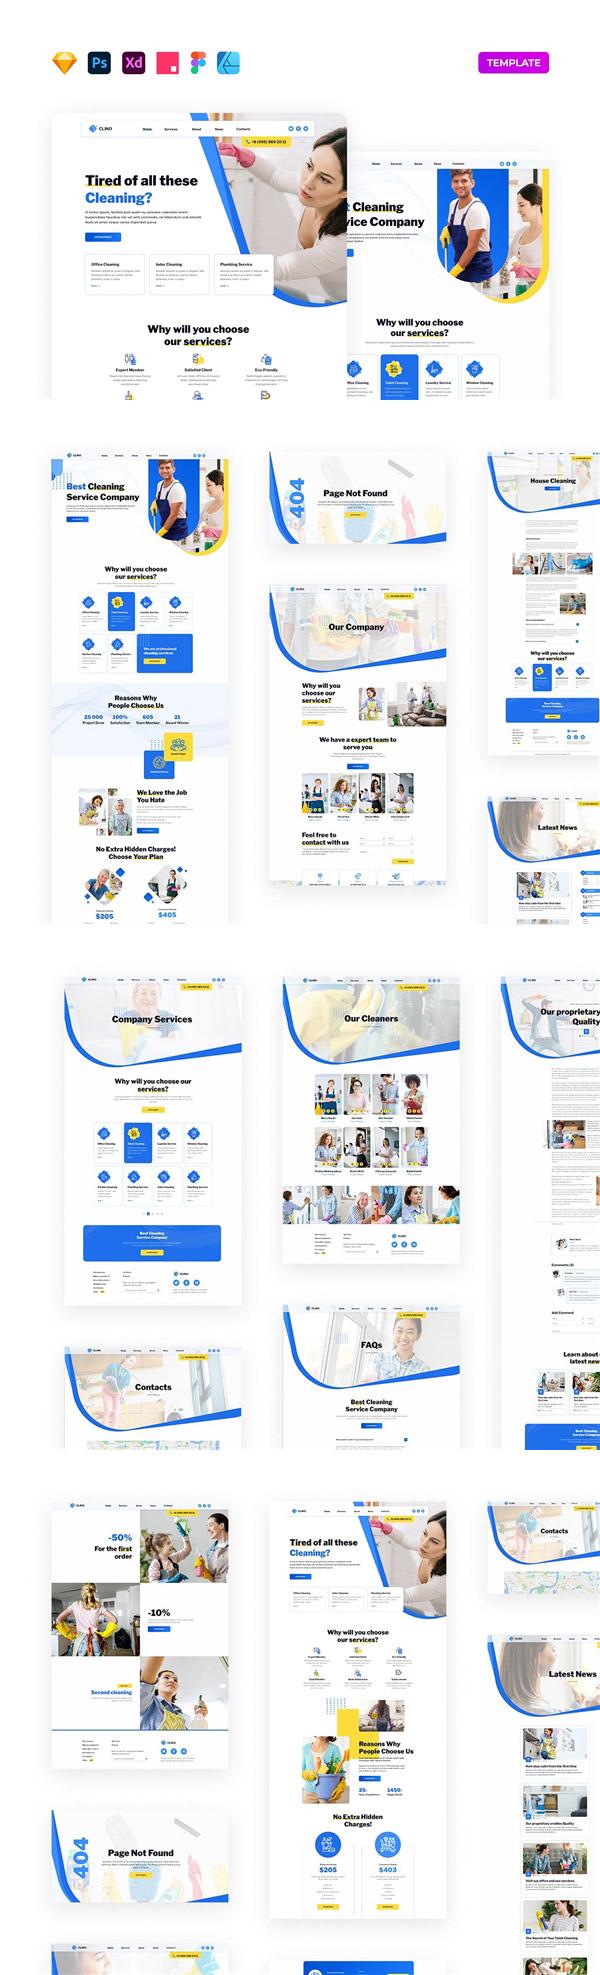 家政公司网站设计模板